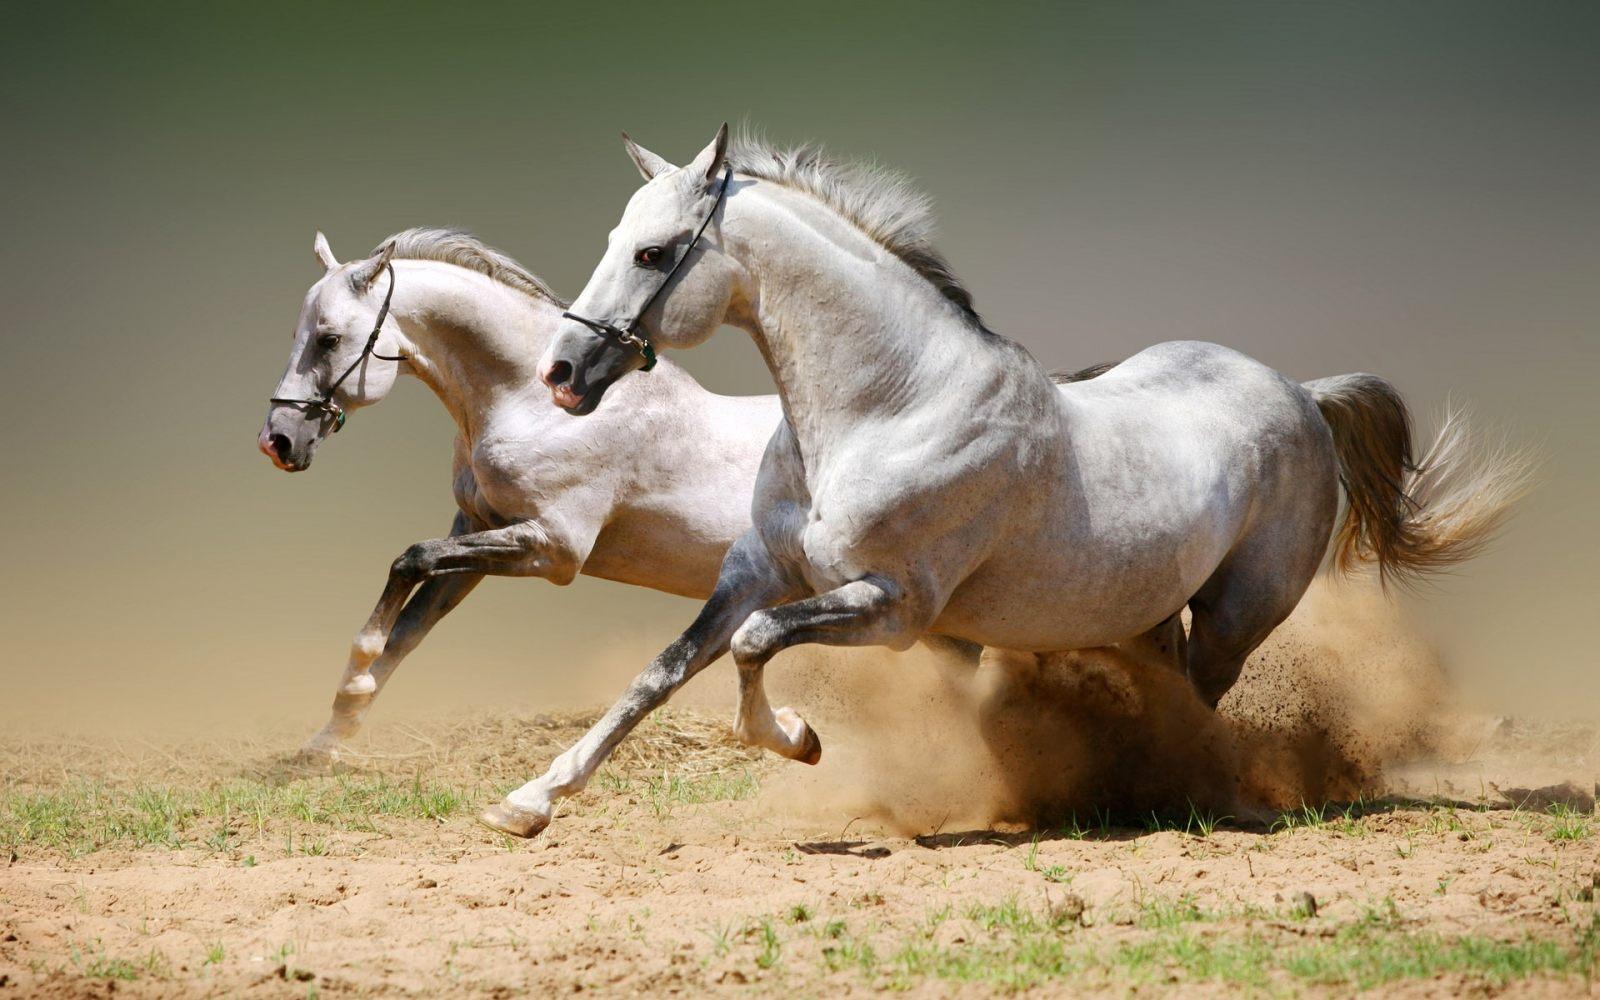 https://i1.wp.com/cavalos.animais.info/Imagens/cavalos-arabe.jpg